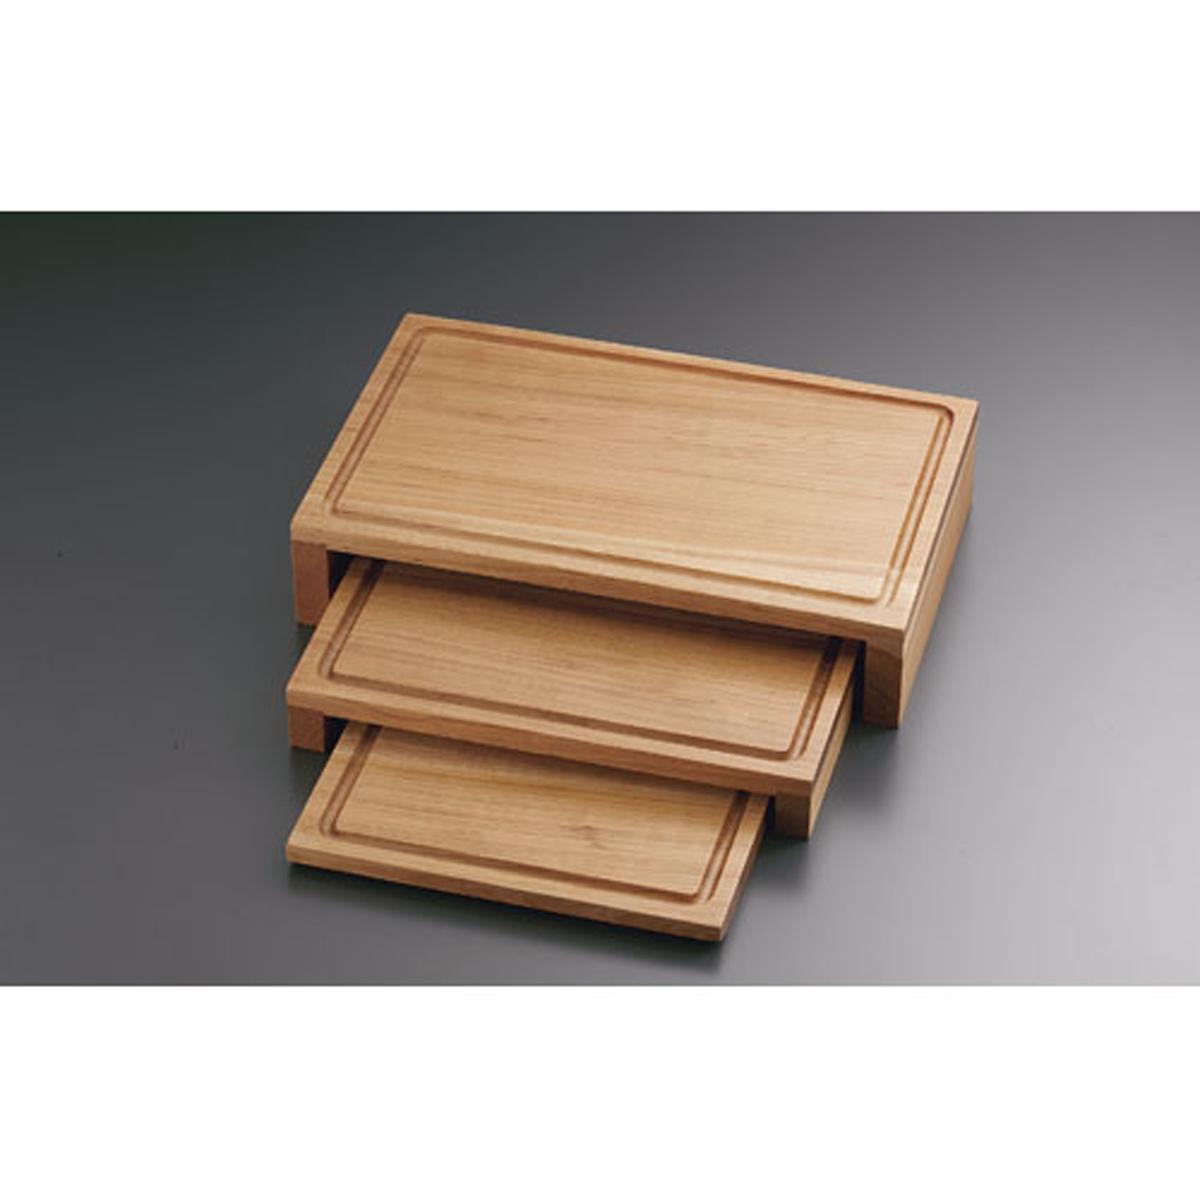 木製 ライザープレートセット CH-801 6-1529-0901【卓上用品 バンケットウェア 皿 飾台 卓上器物 業務用 販売 通販】[10P03Dec16]